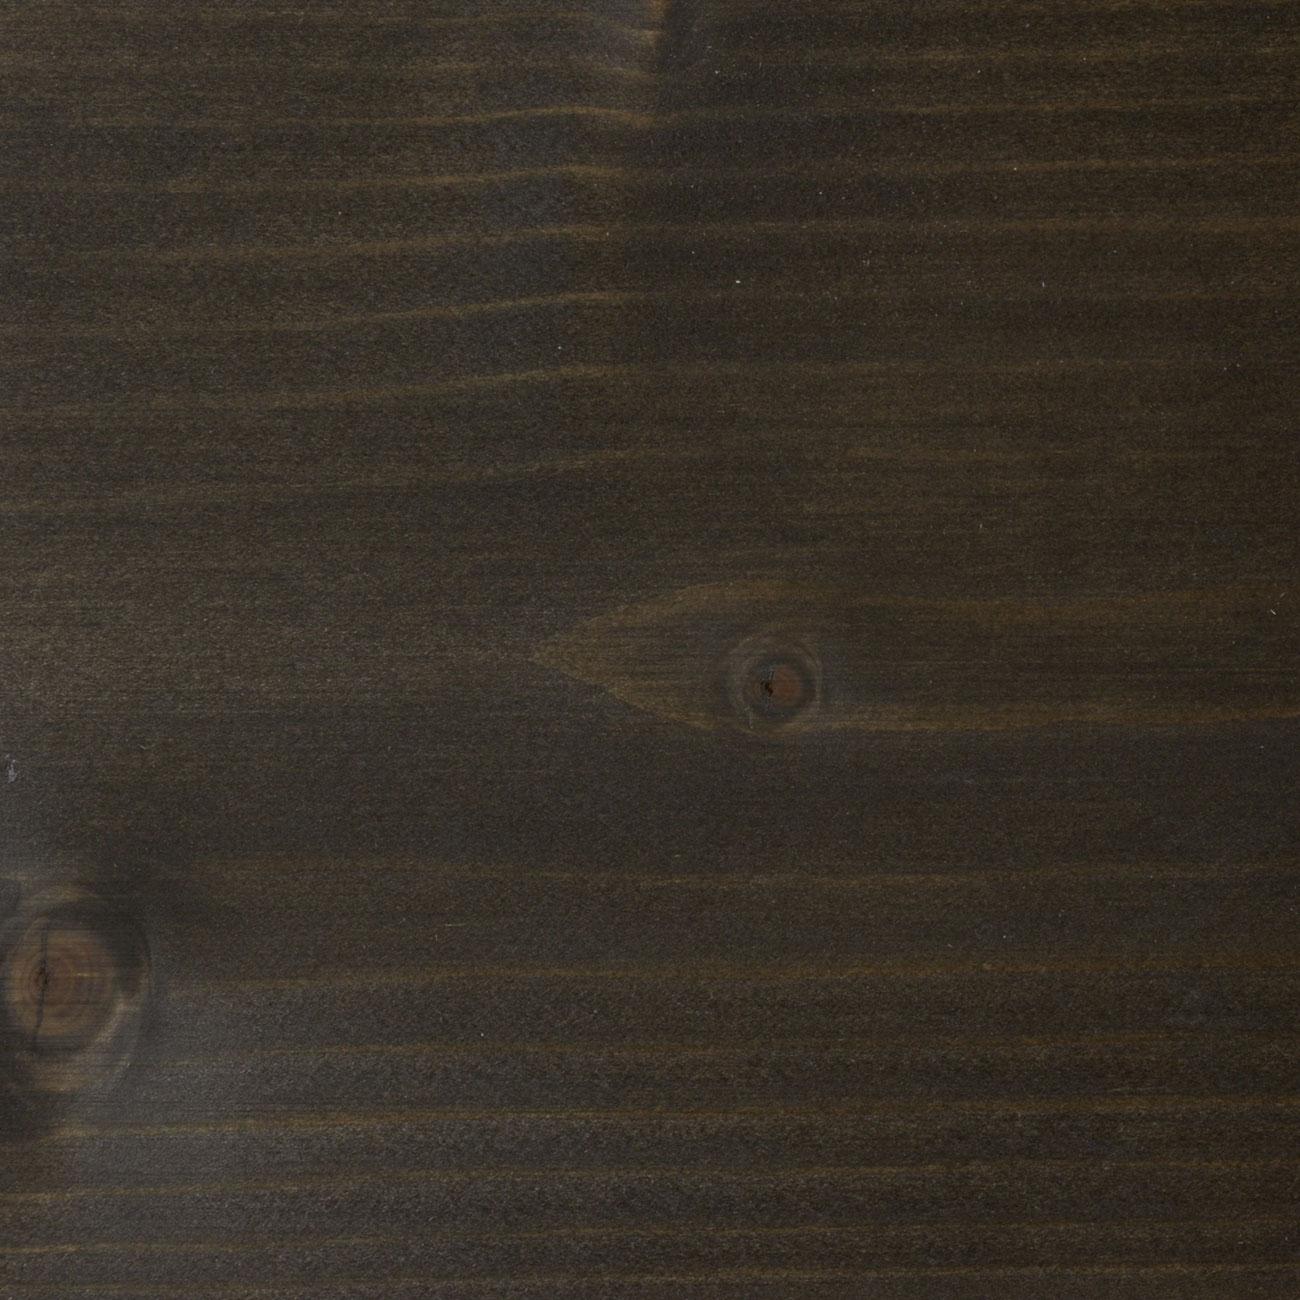 108.Fichte geschliffen mit Faxe Speziallauge zzgl. 5% Faxe Combicolor schwarz gelaugt und mit Faxe Holzbodenöl natur geölt